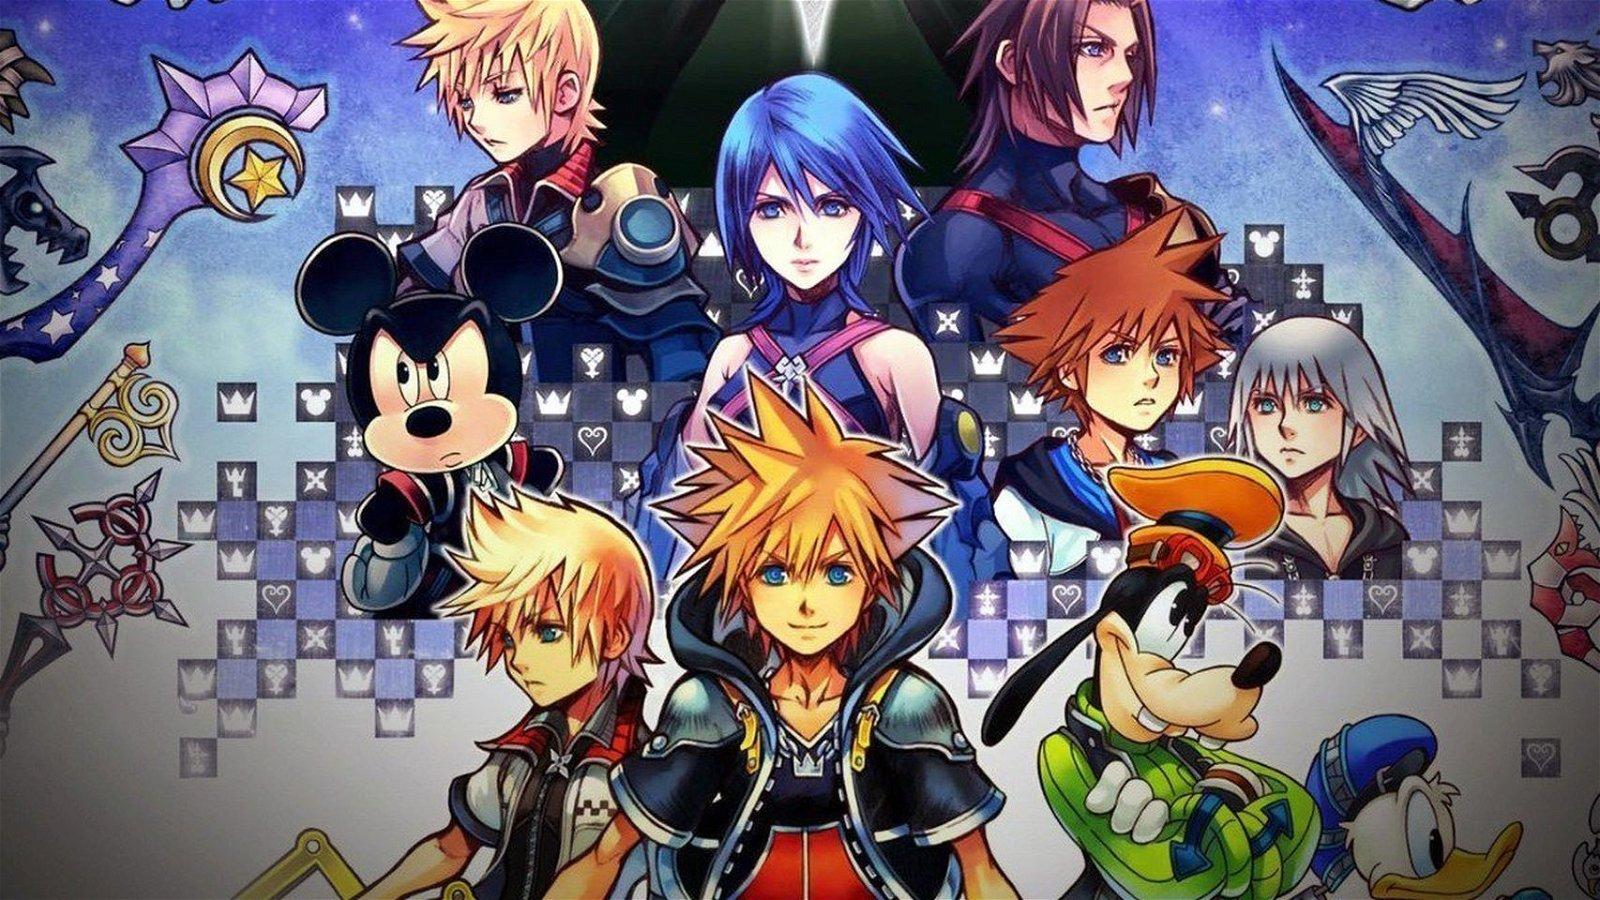 Kingdom Hearts celebra su 15 cumpleaños con una ilustración conmemorativa